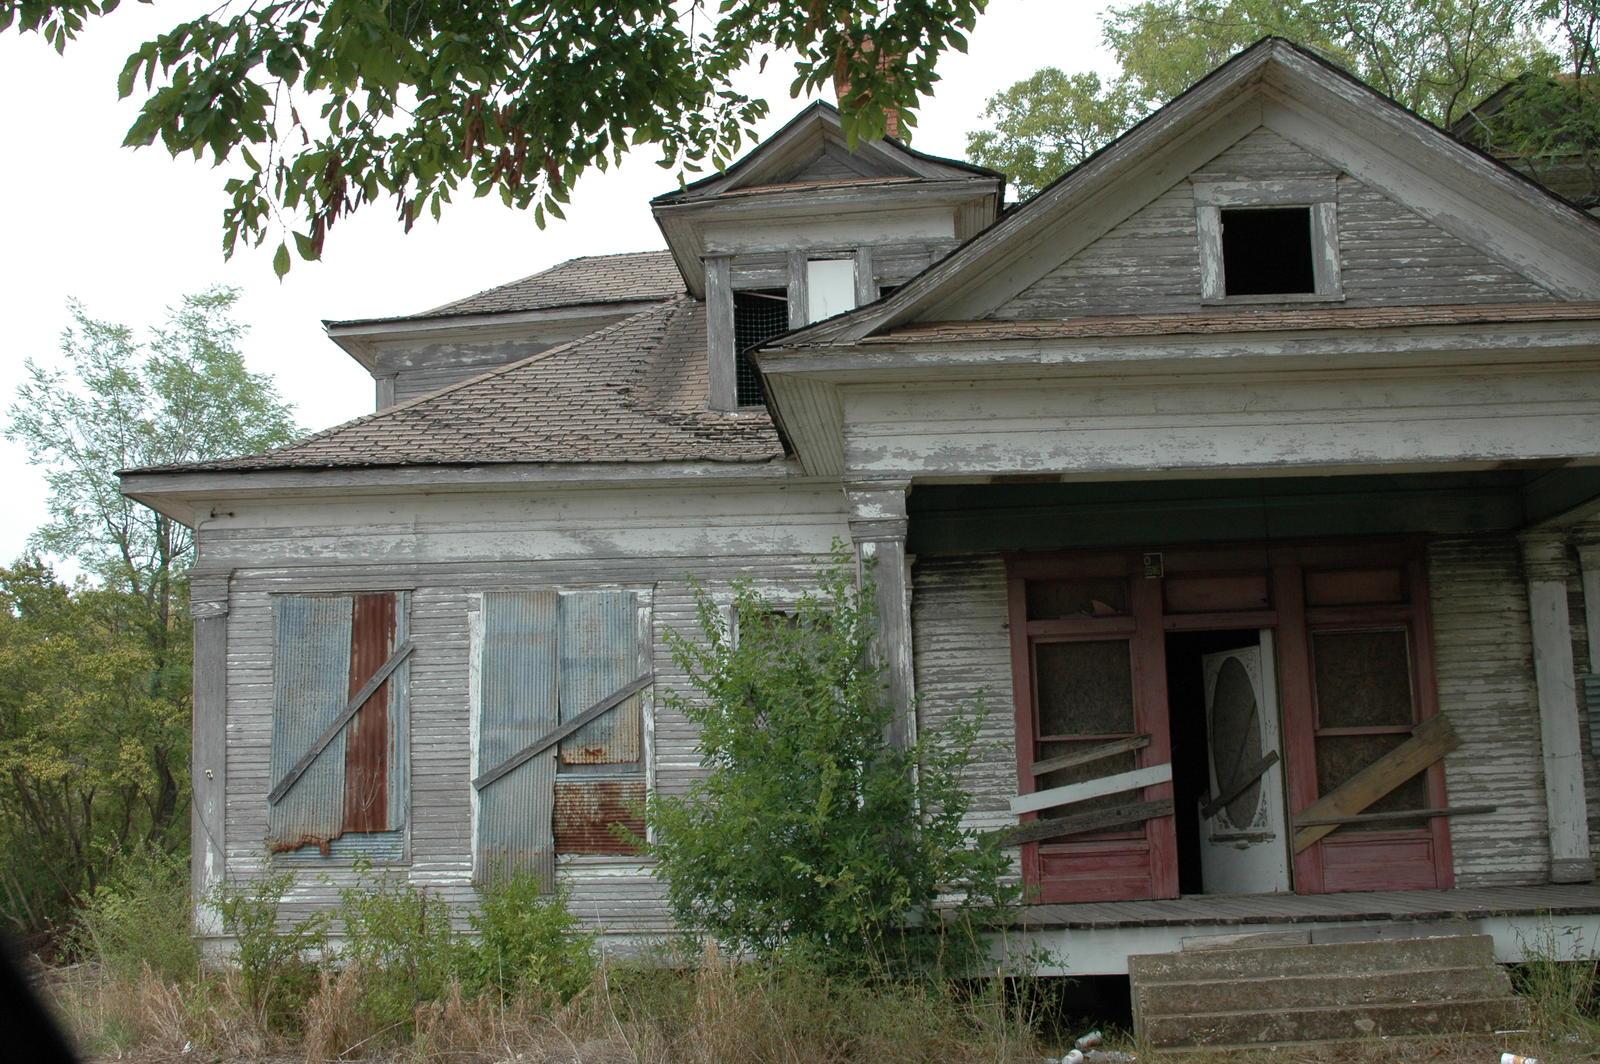 Old house in fairfield texas ennis liberty new house for Fairfield house